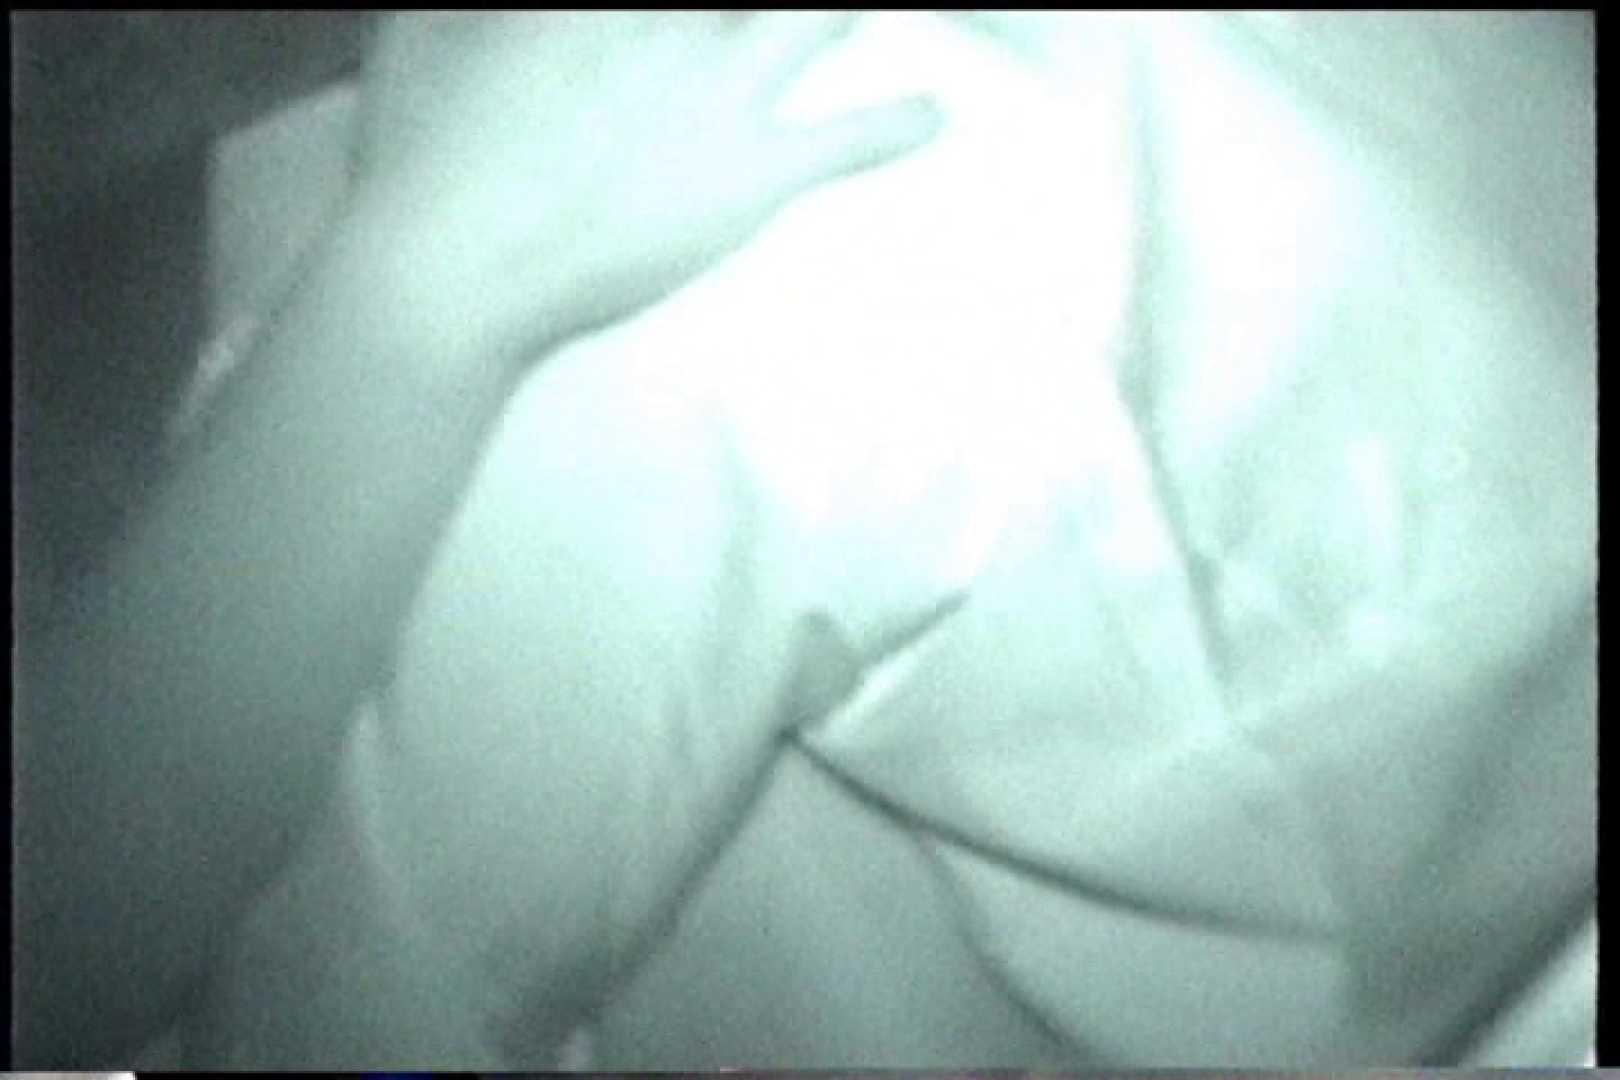 充血監督の深夜の運動会Vol.222 すけべなカップル 盗撮動画紹介 108画像 98